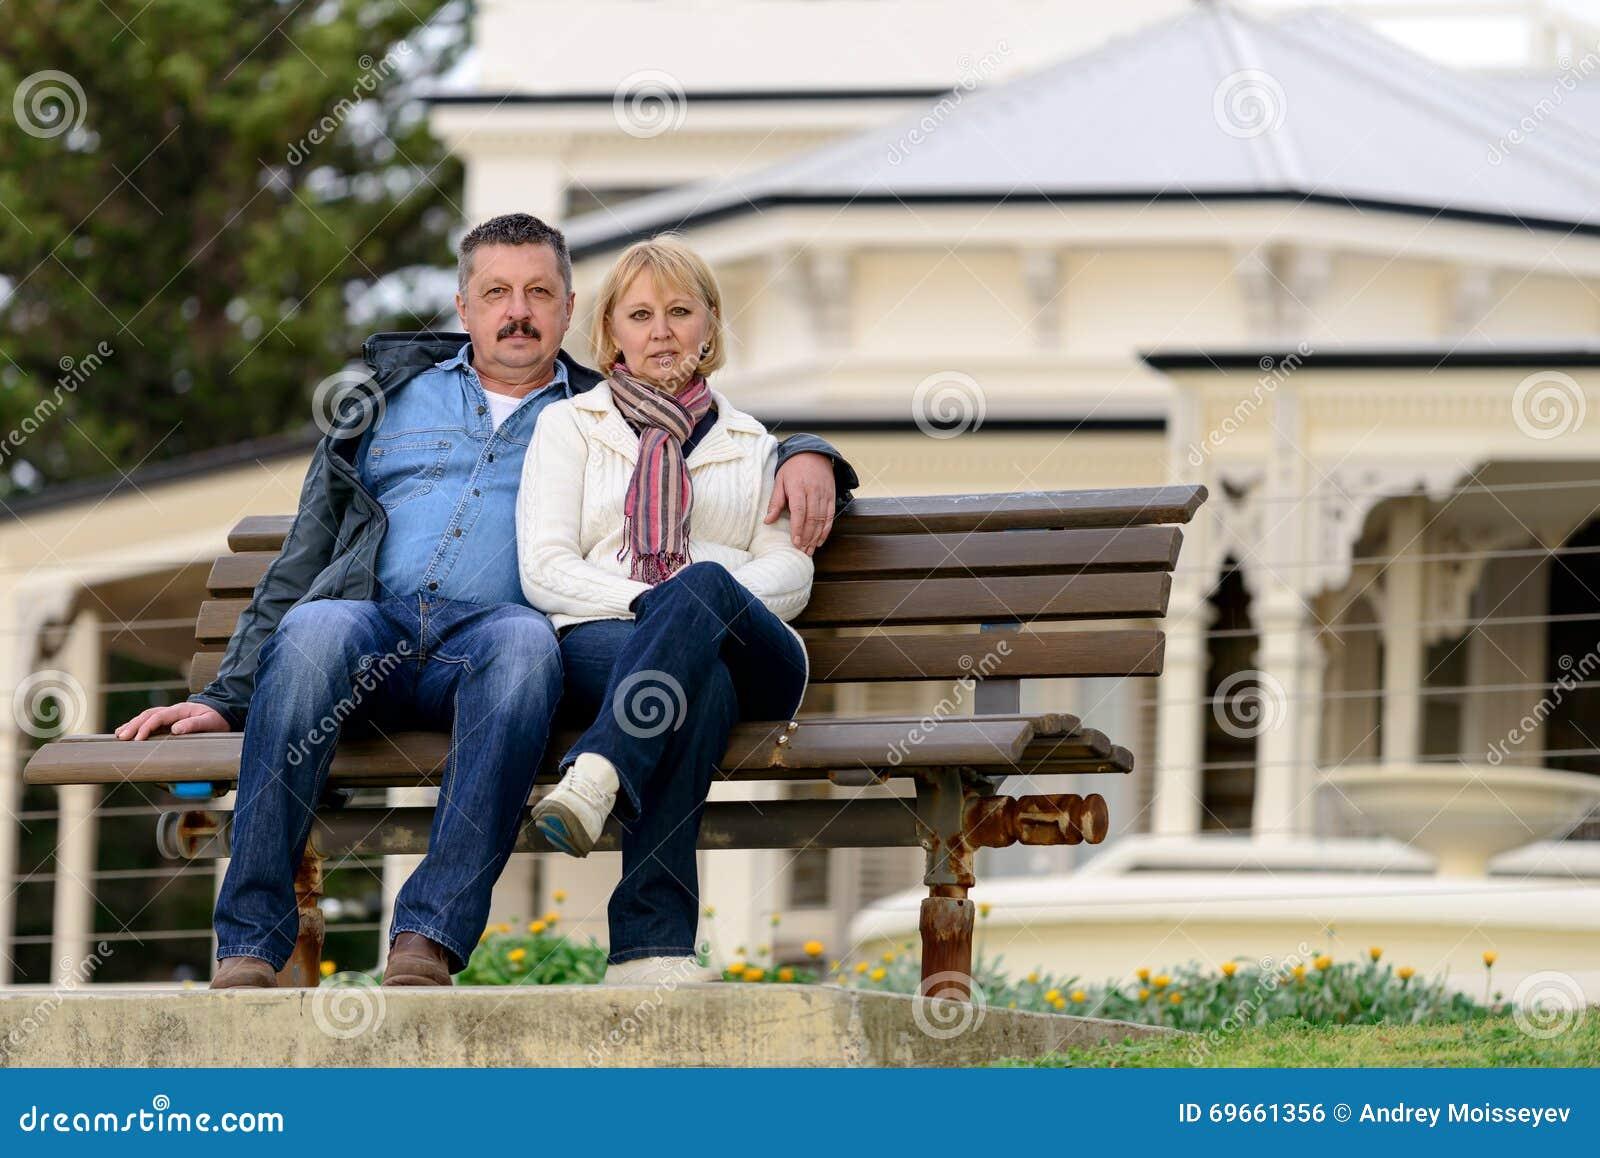 dating for seniorer AustraliaHvorfor han fortsatt har en online dating profil